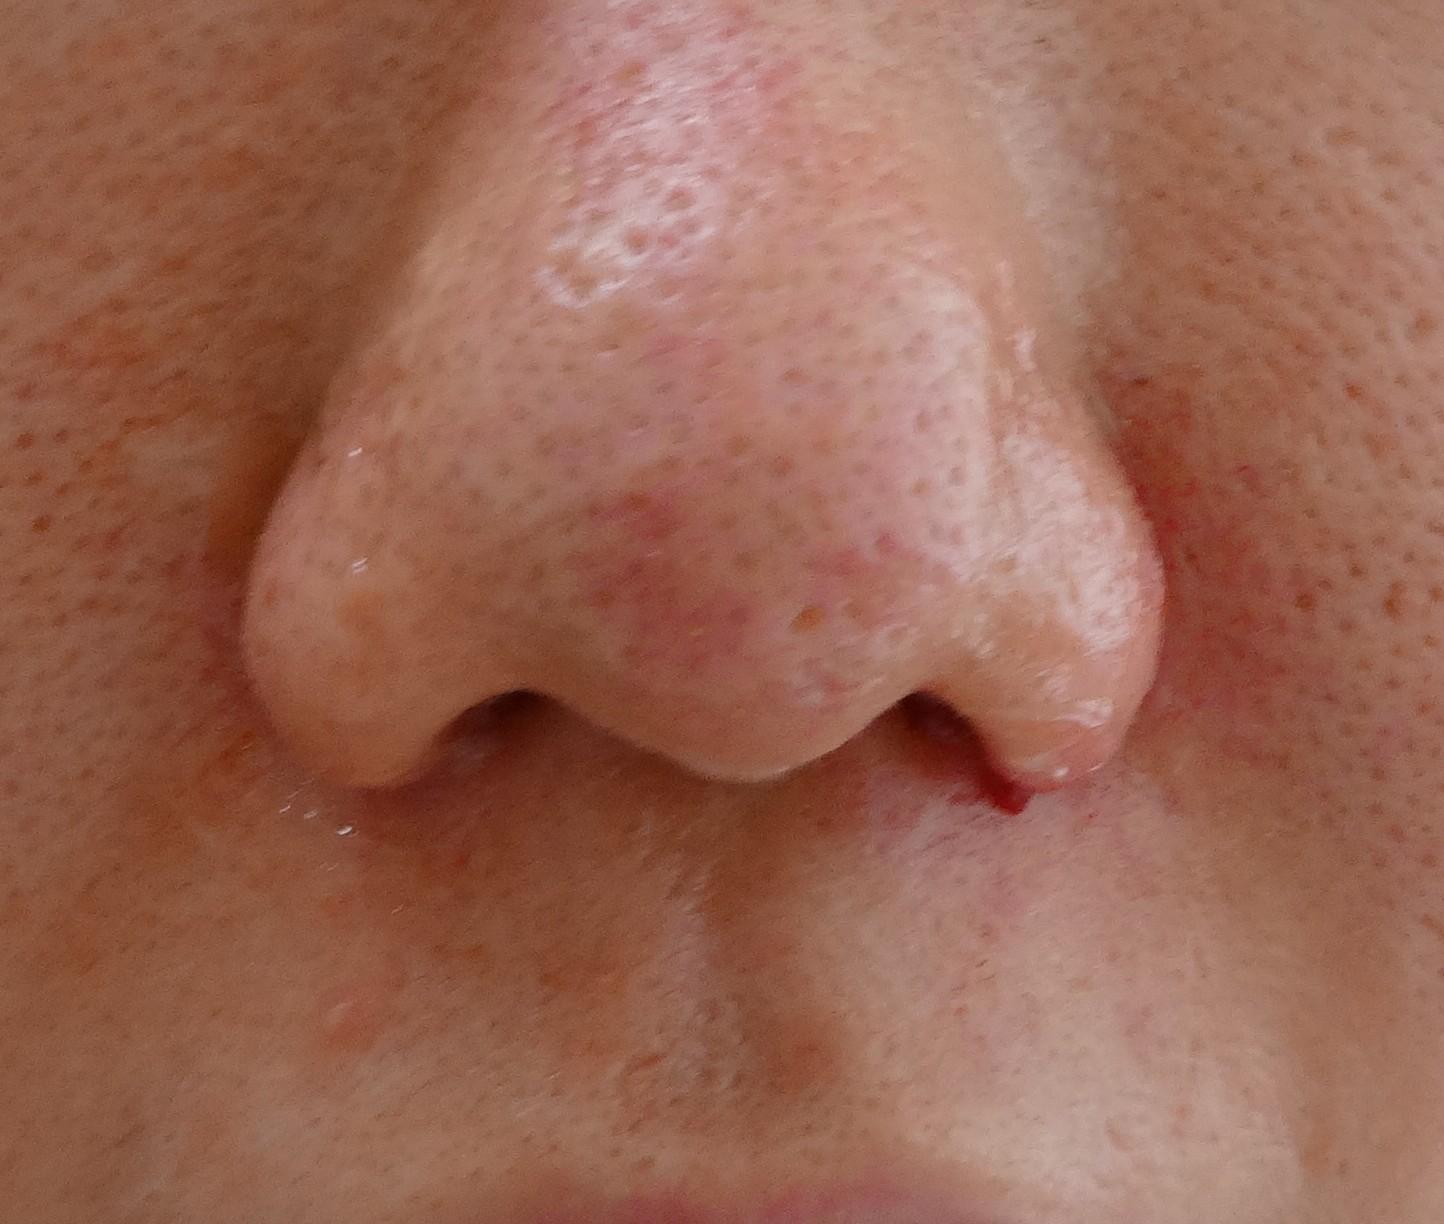 鼻翼(いわゆる小鼻)挙上術はあぐら鼻には効果的 - ドクター森川ブログ